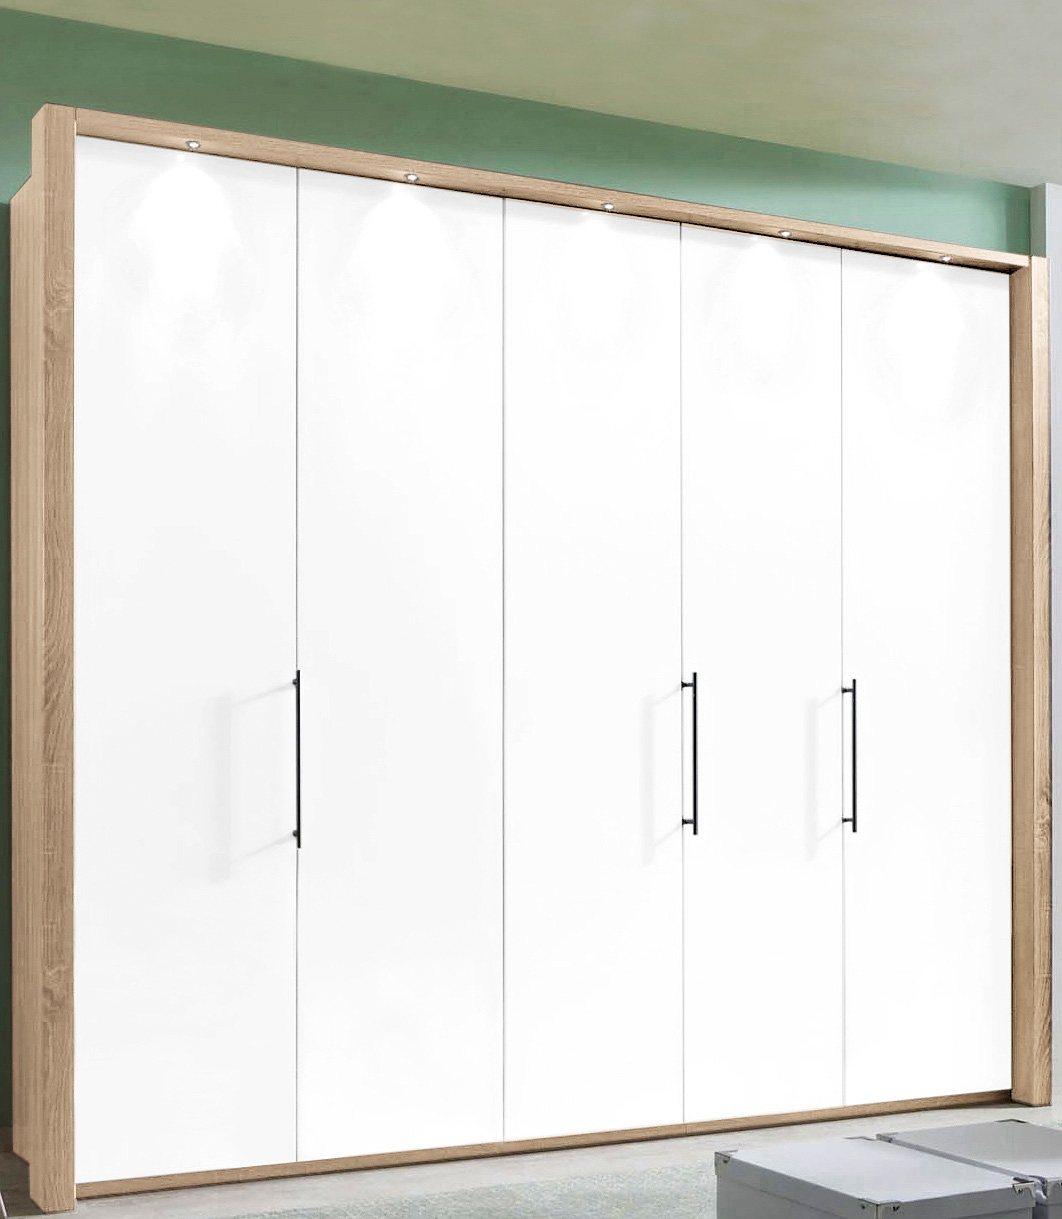 WIEMANN Panorama-Falttürenschrank »Loft« in 3 Breiten | Schlafzimmer > Kleiderschränke > Drehtürenschränke | Weiß | Metall | WIEMANN